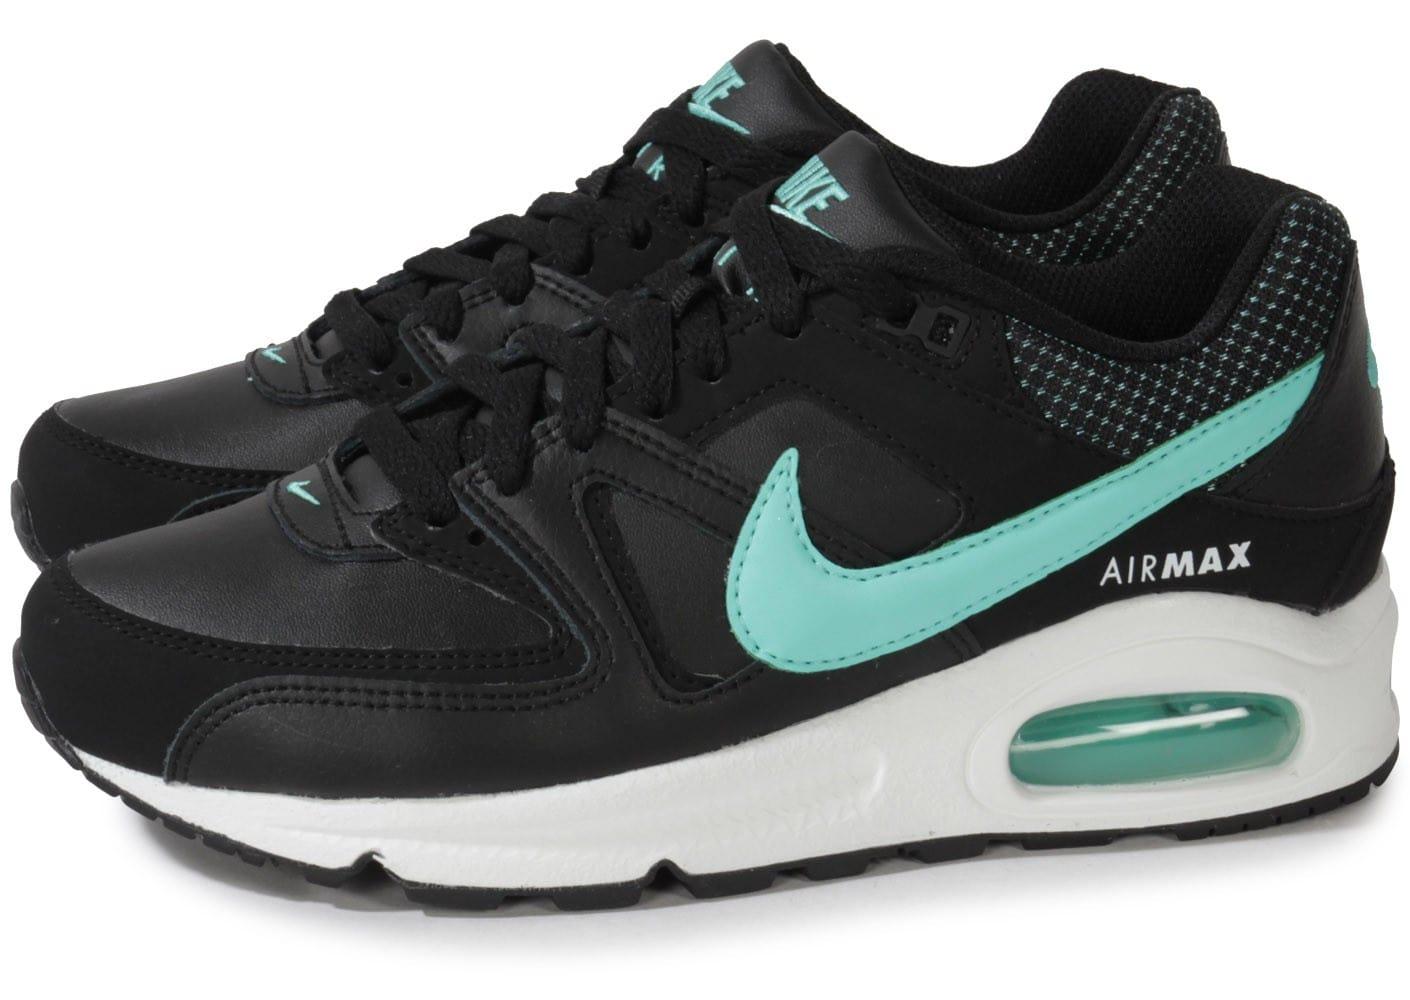 8719ce503922 Remise commerciale air max noir et turquoise